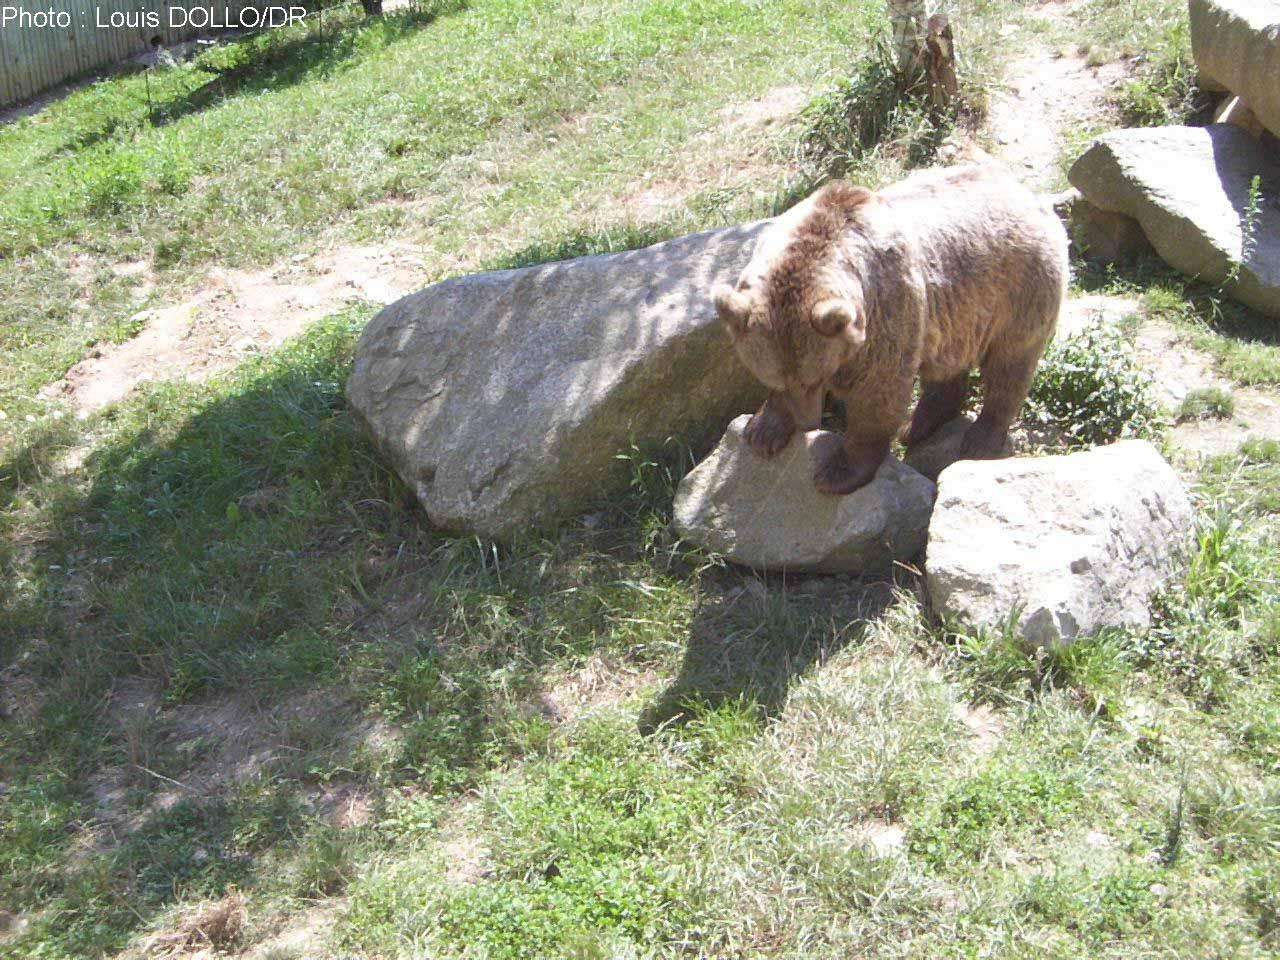 Un appel des associations pour relâcher des ourses en Béarn — Pyrénées